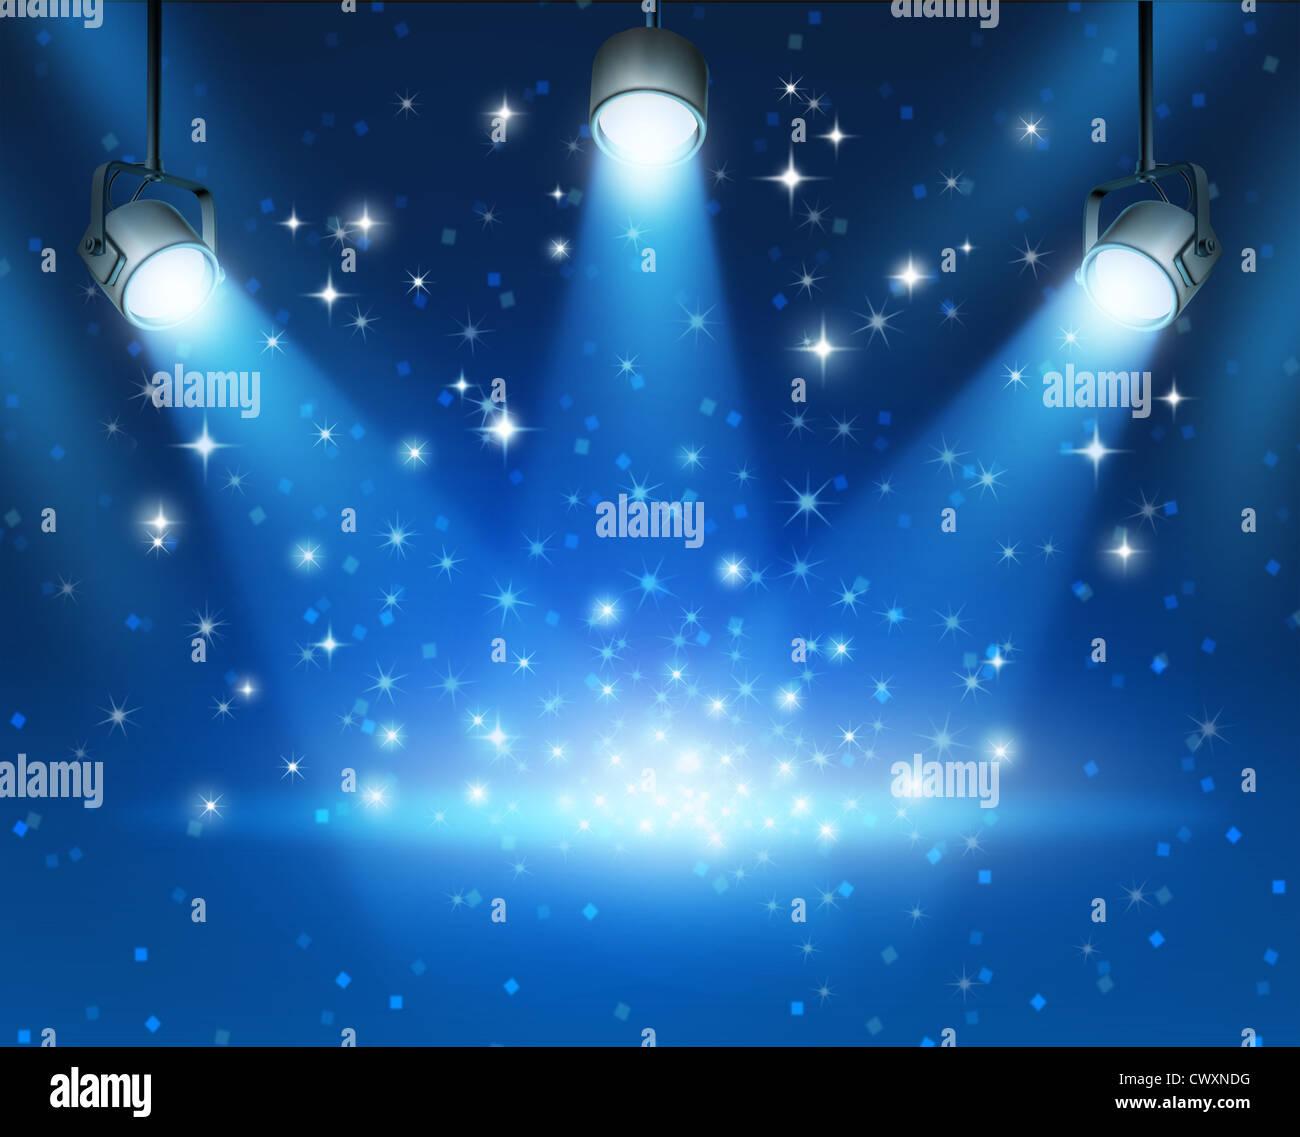 Magische blaue abstrakte Bild Konzert Beleuchtung vor einem dunklen leuchtenden Hintergrund Illustration mit glänzenden Stockbild